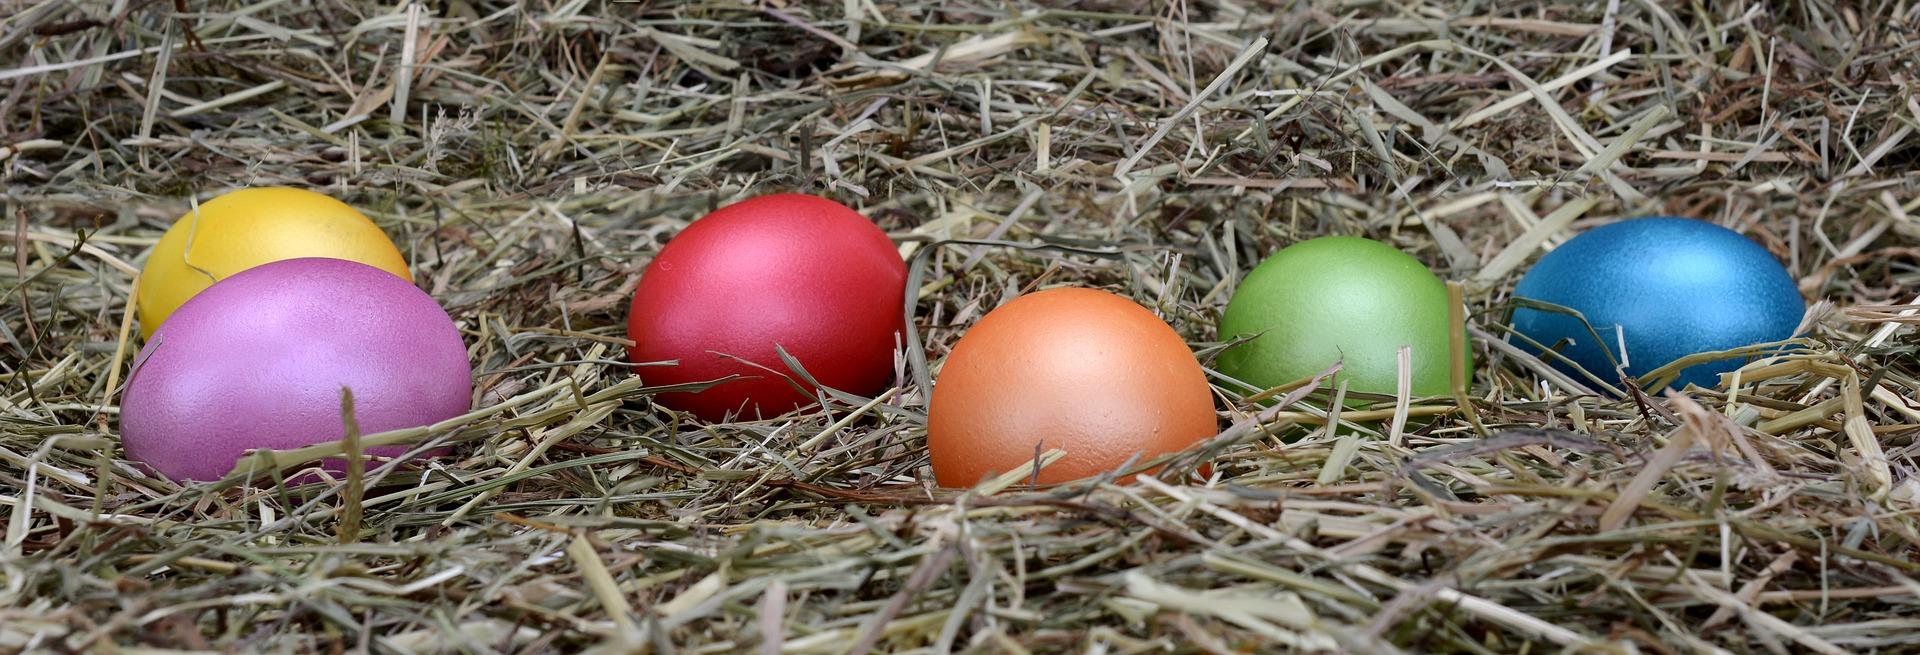 easter-eggs-2107208_1920 (1)